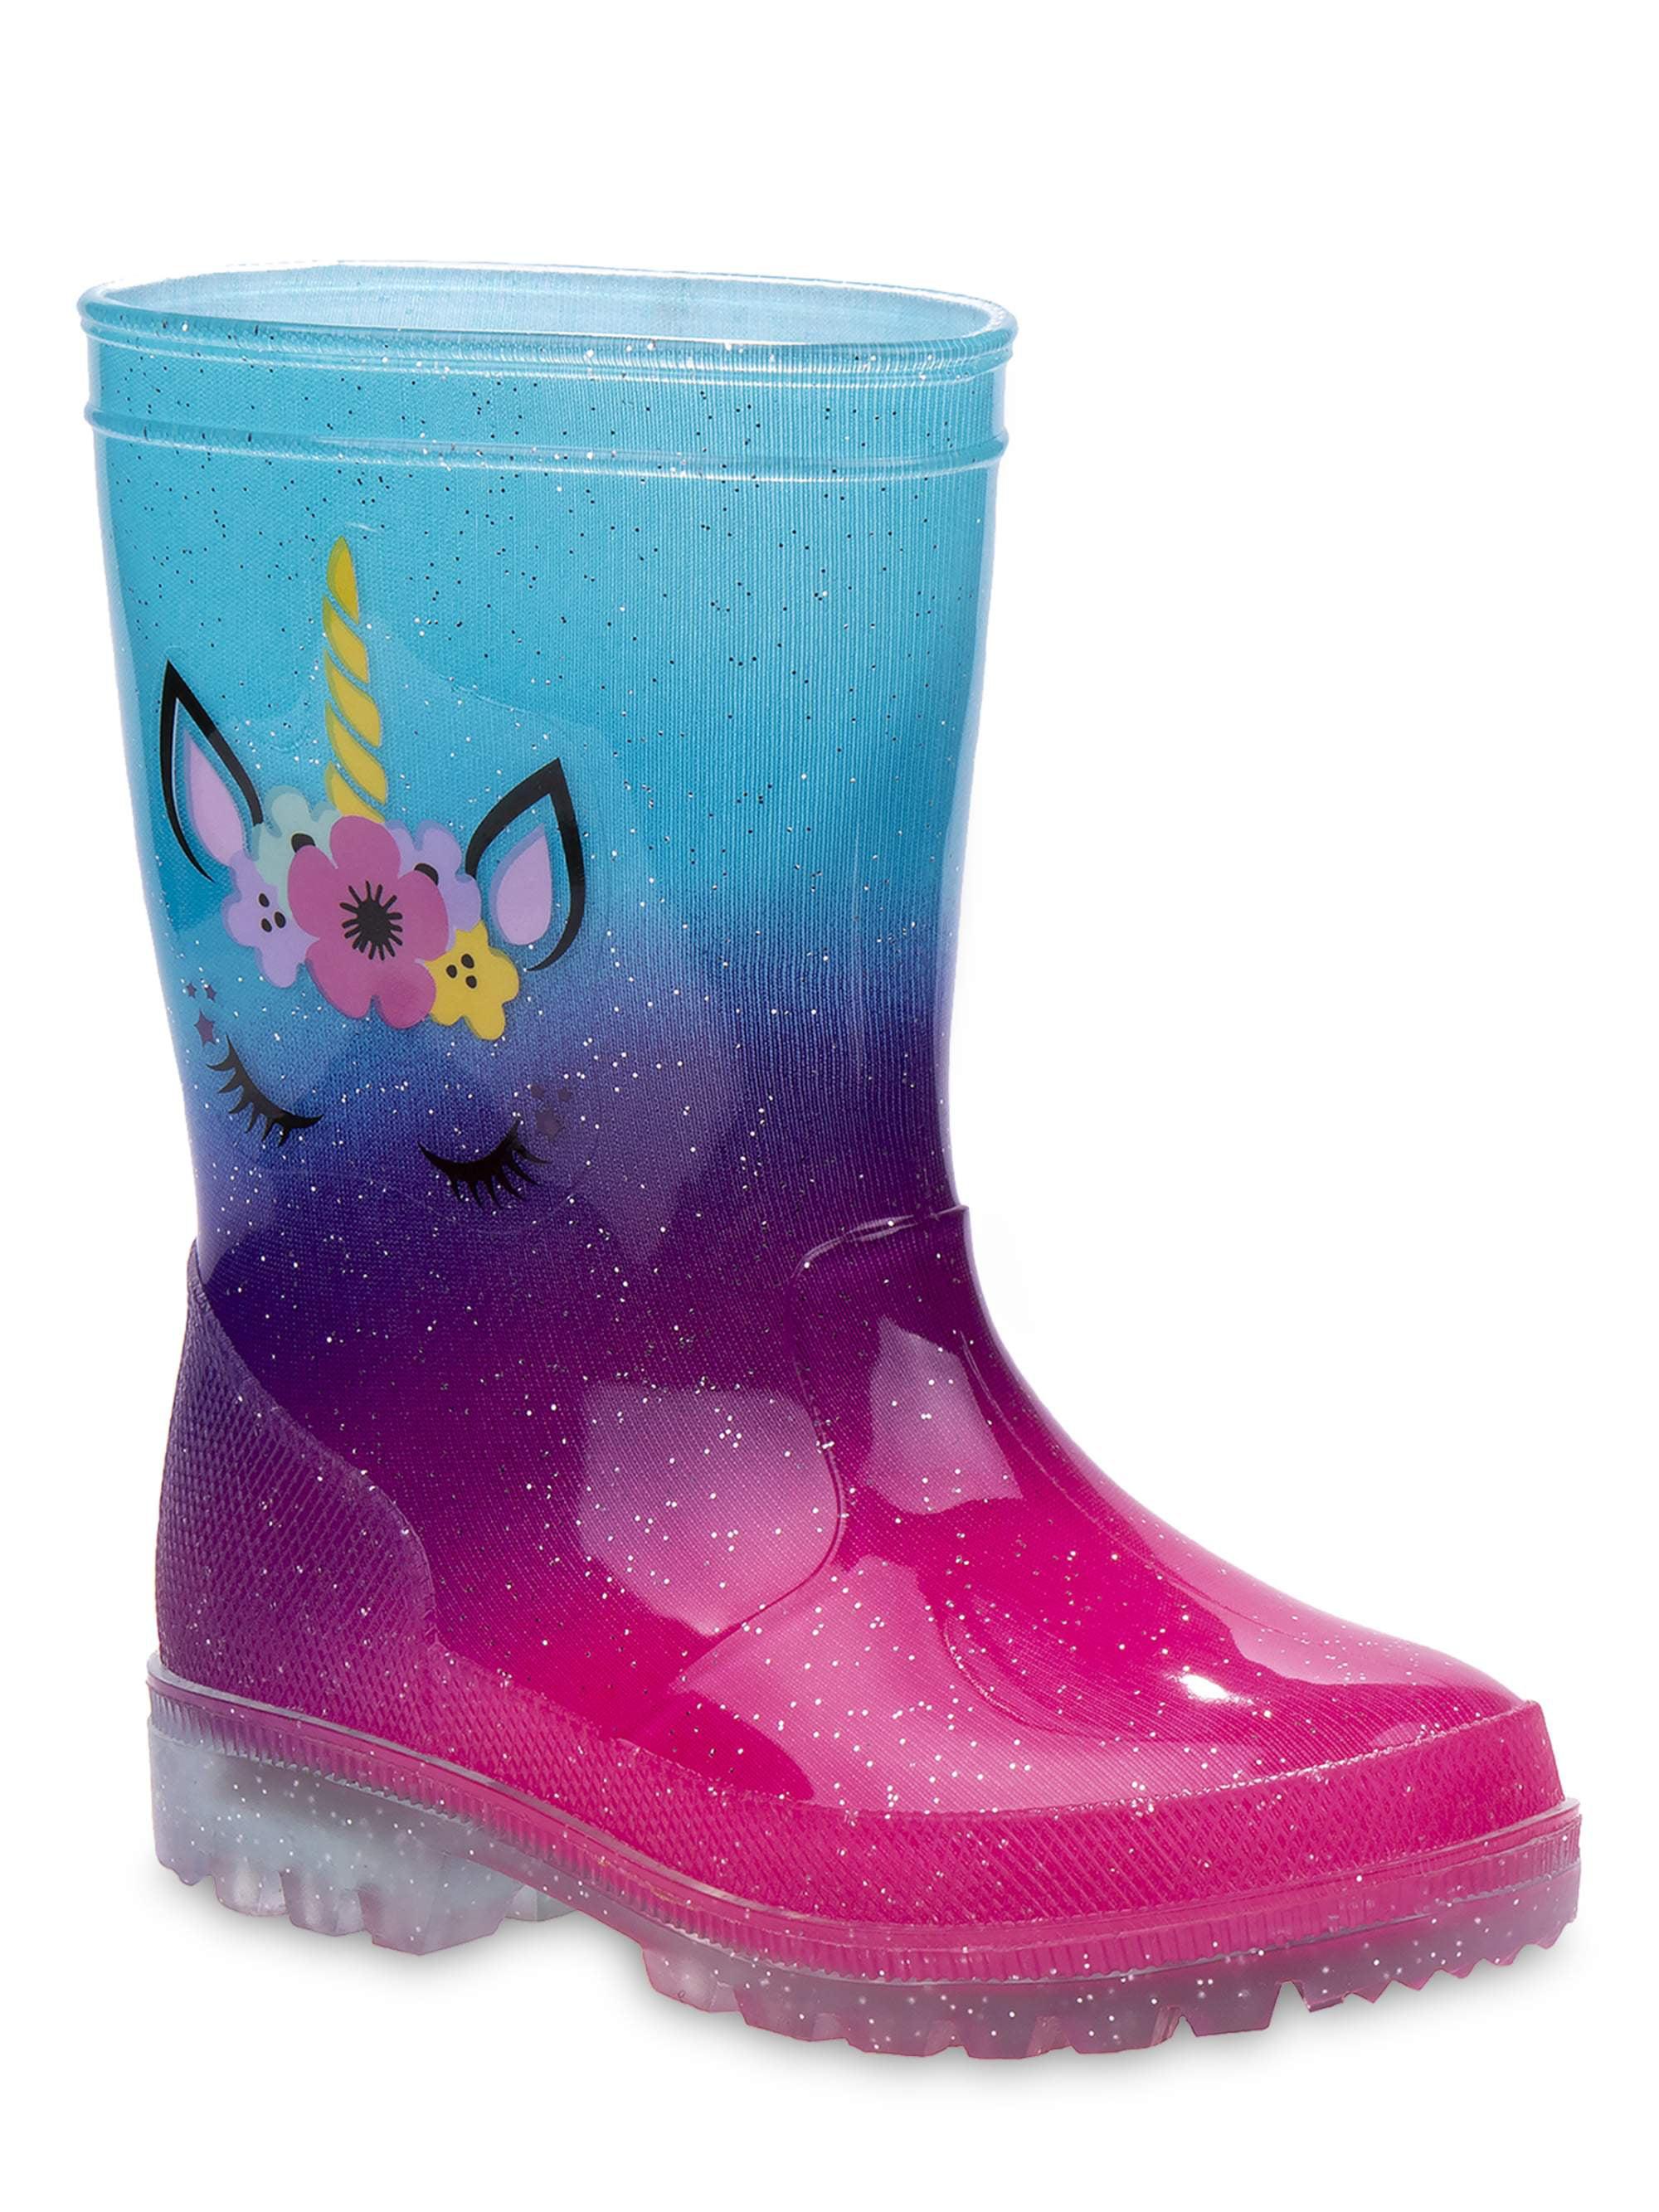 Josmo Ombre Unicorn Fashion Rain Boots